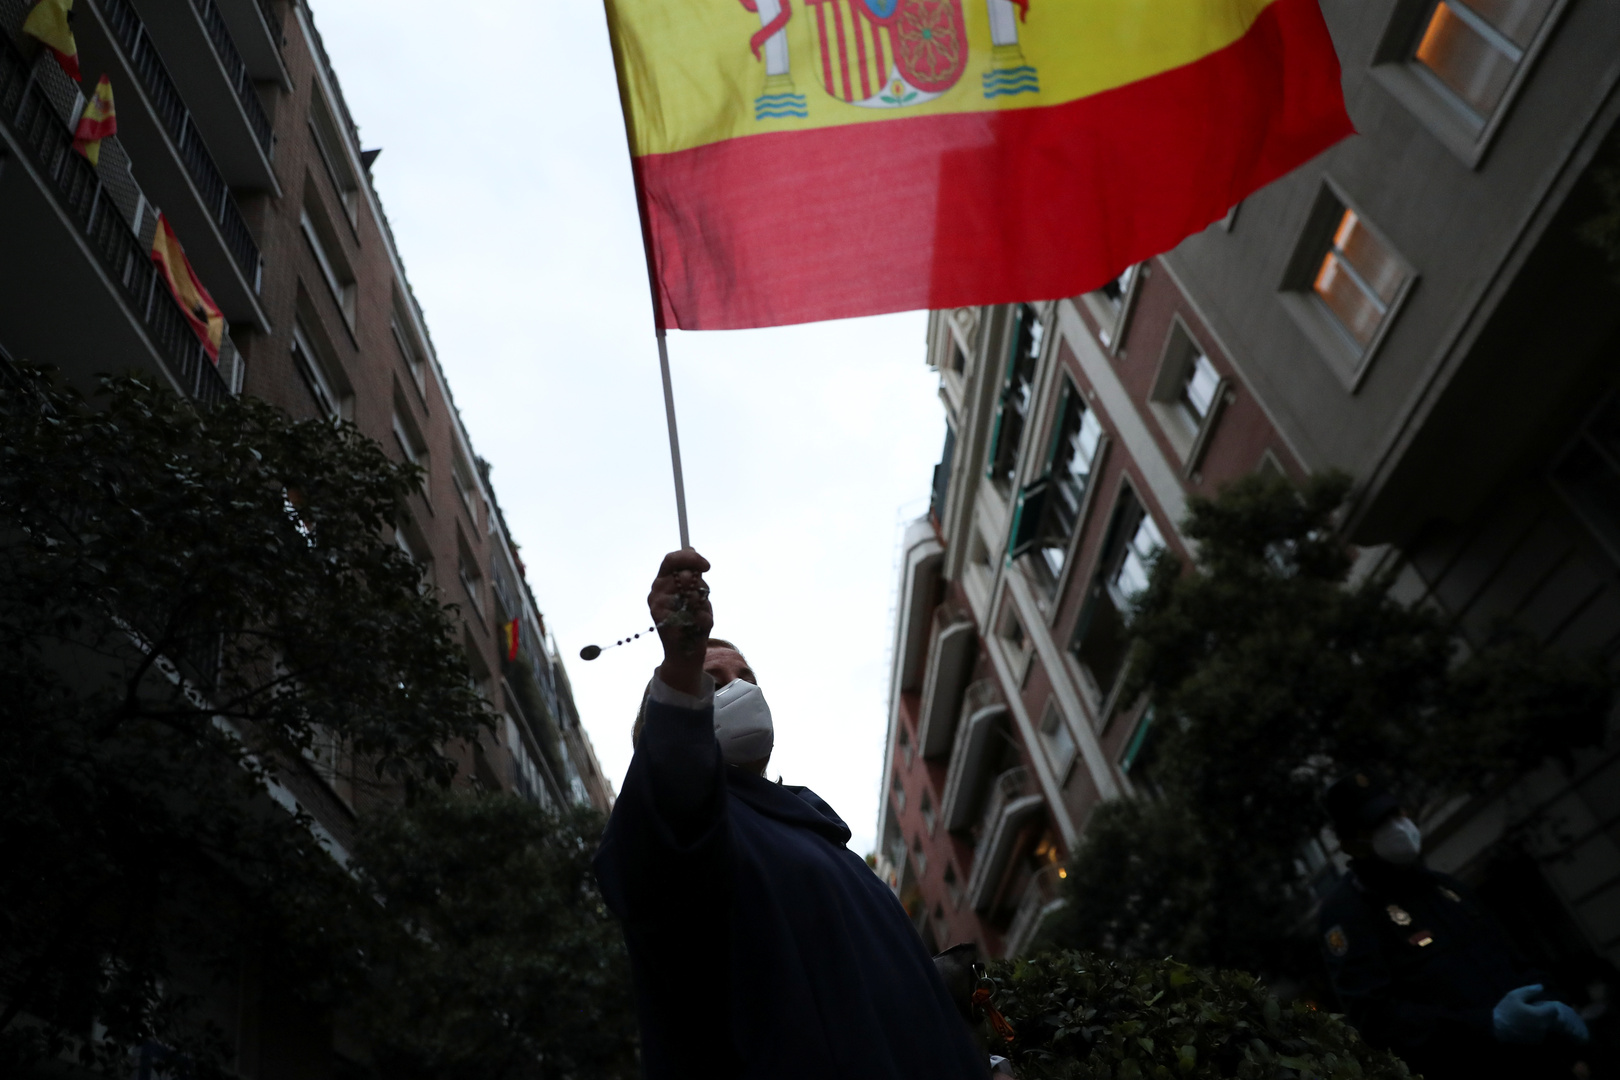 إسبانيا تسجل صفر وفيات بفيروس كورونا لليوم الثاني على التوالي